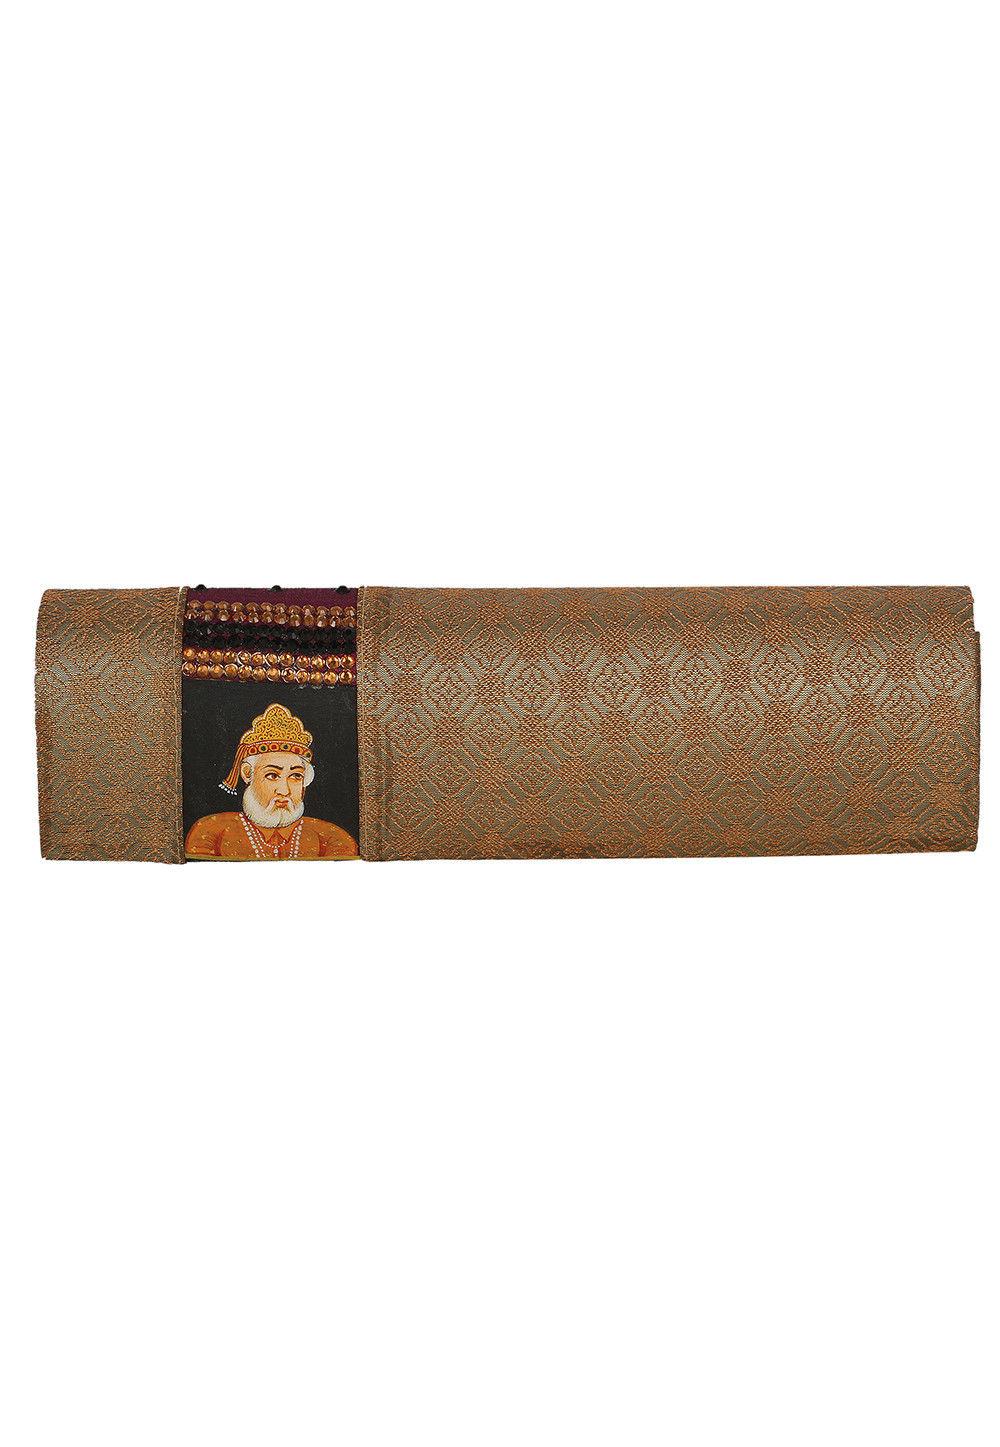 Art Silk Brocade Clutch Bag in Copper